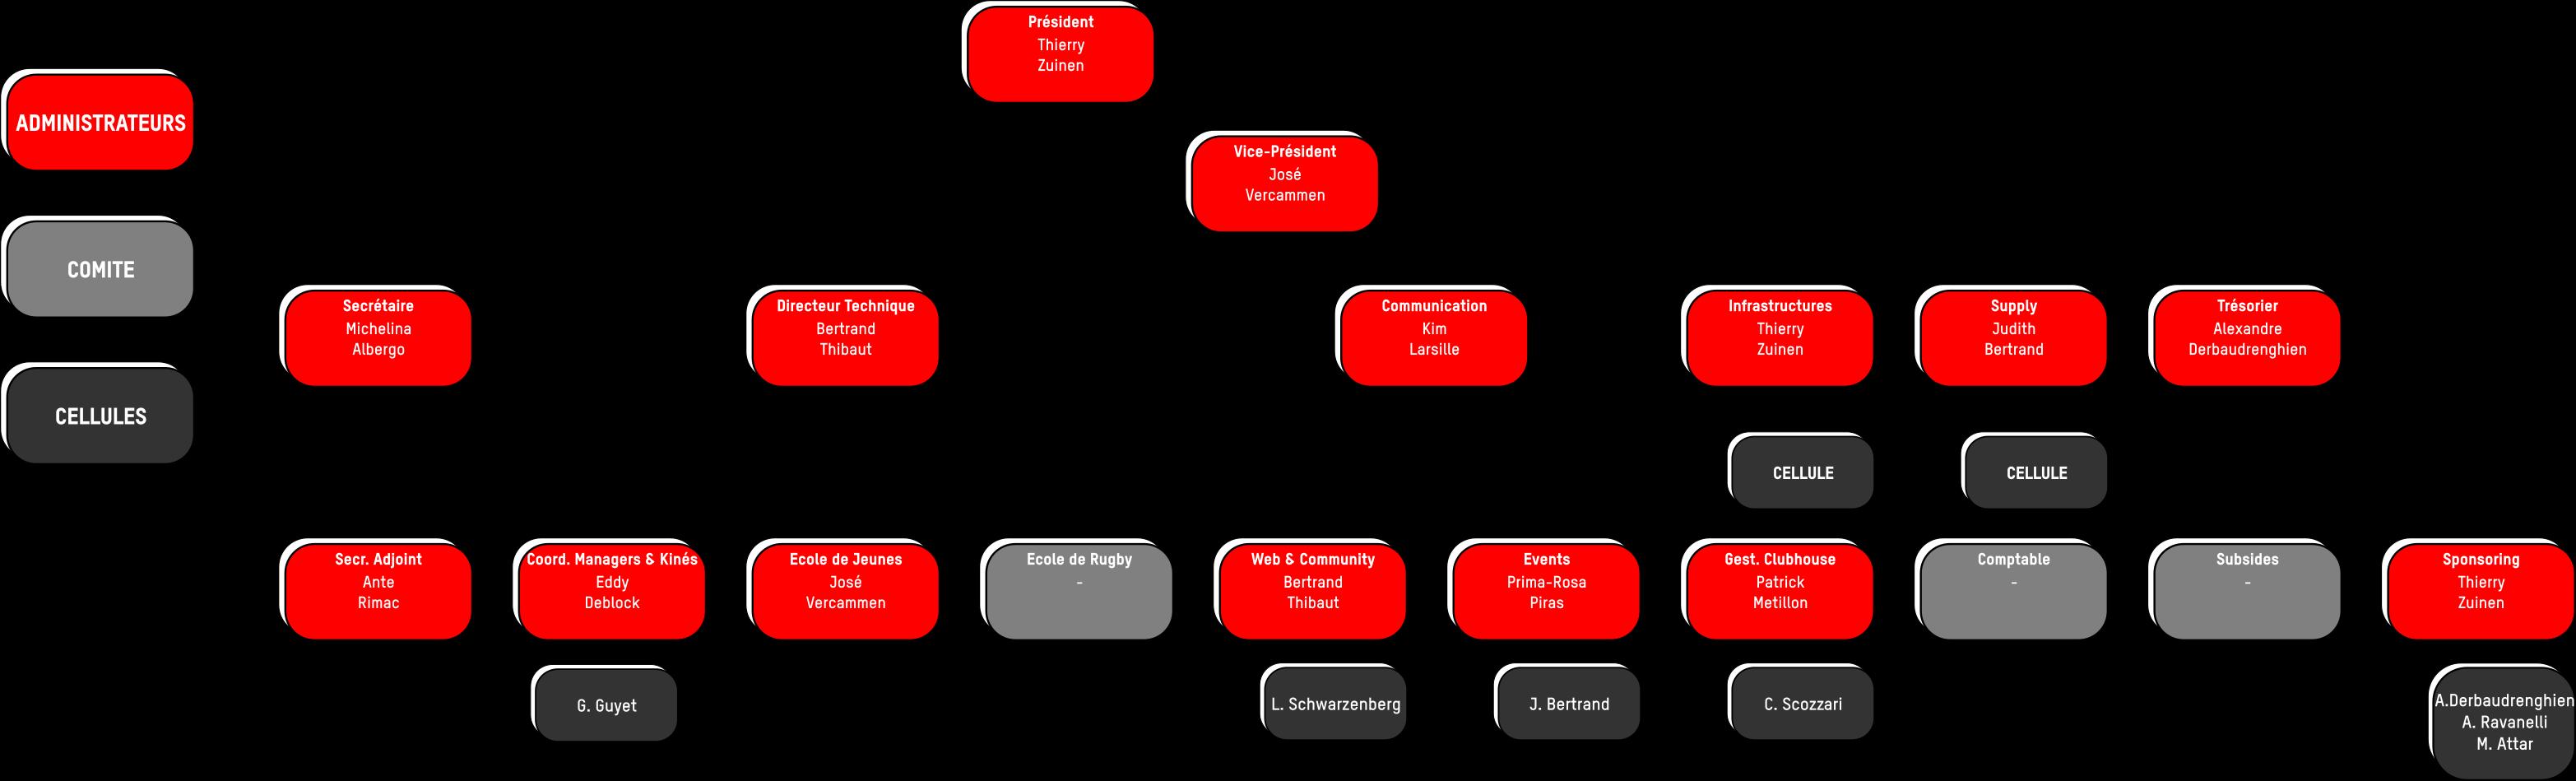 Organigramme CA